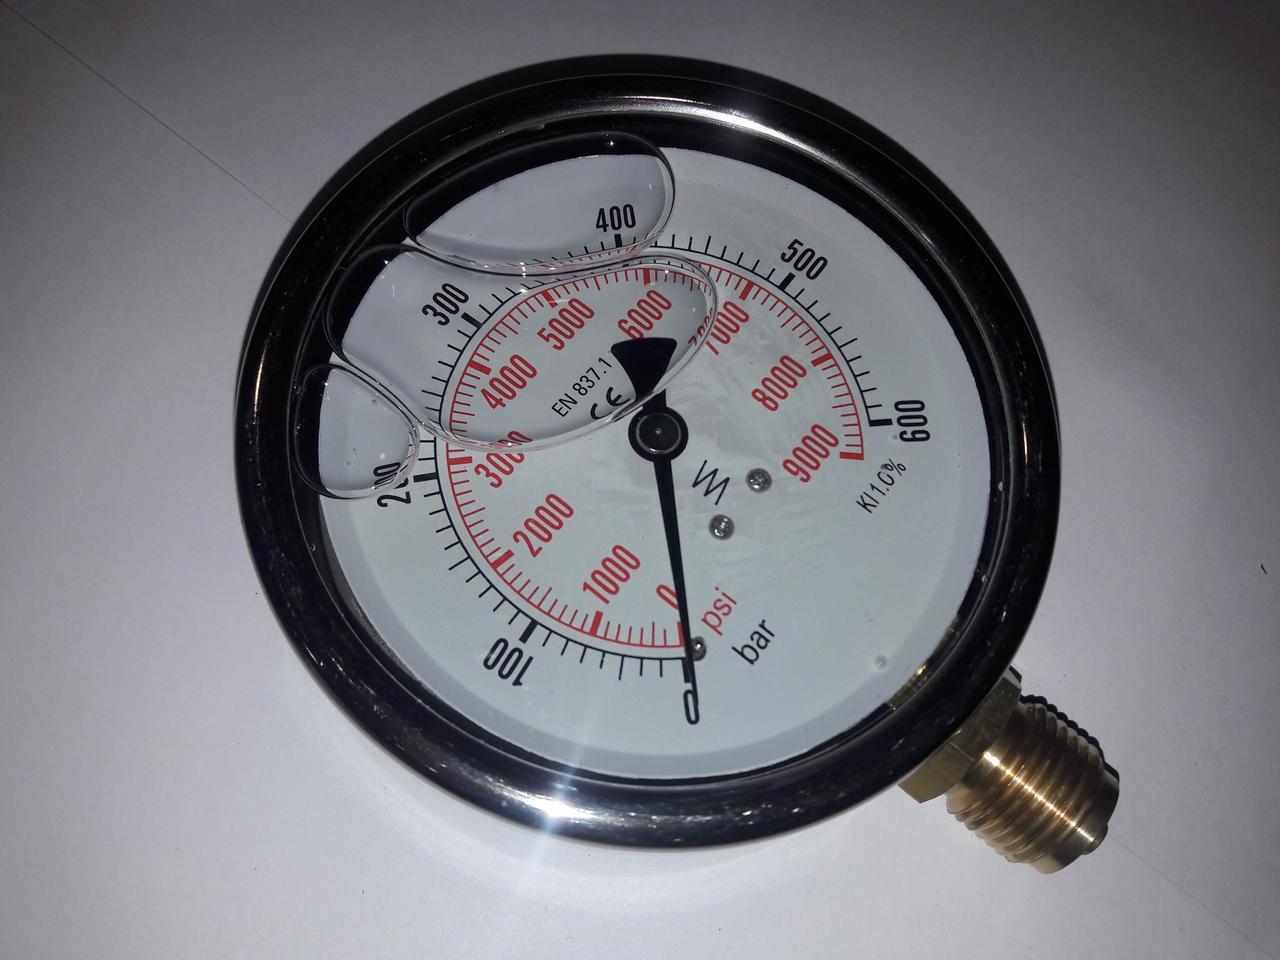 Манометр радиальниый 150мм 250 бар 25МПа, гидравлический, глицеринонаполненый.